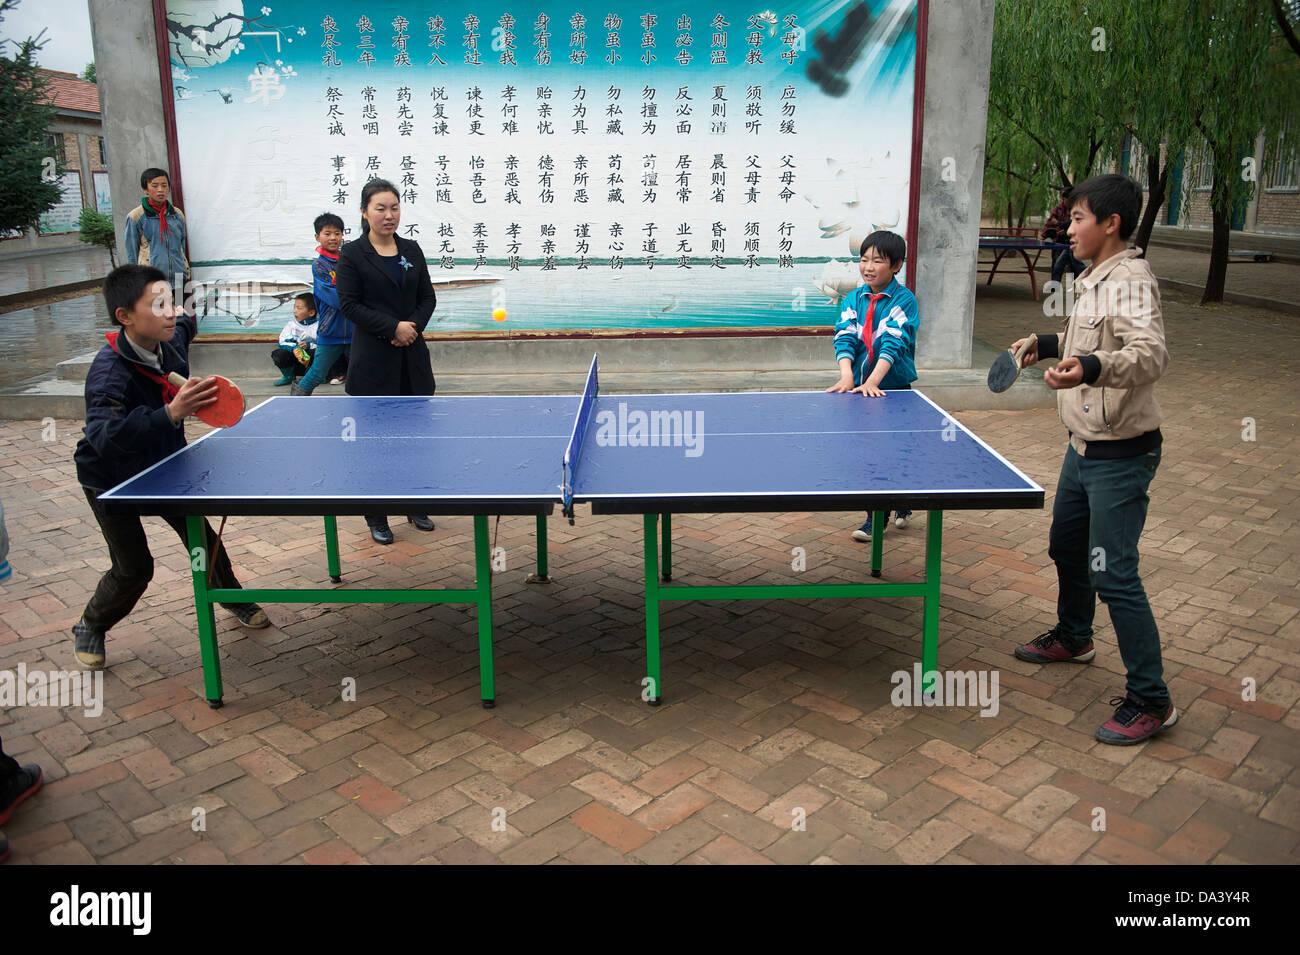 Studenti della scuola primaria giocare a ping pong in Haiyuan, Ningxia Hui regione autonoma della Cina. 21-Maggio Immagini Stock